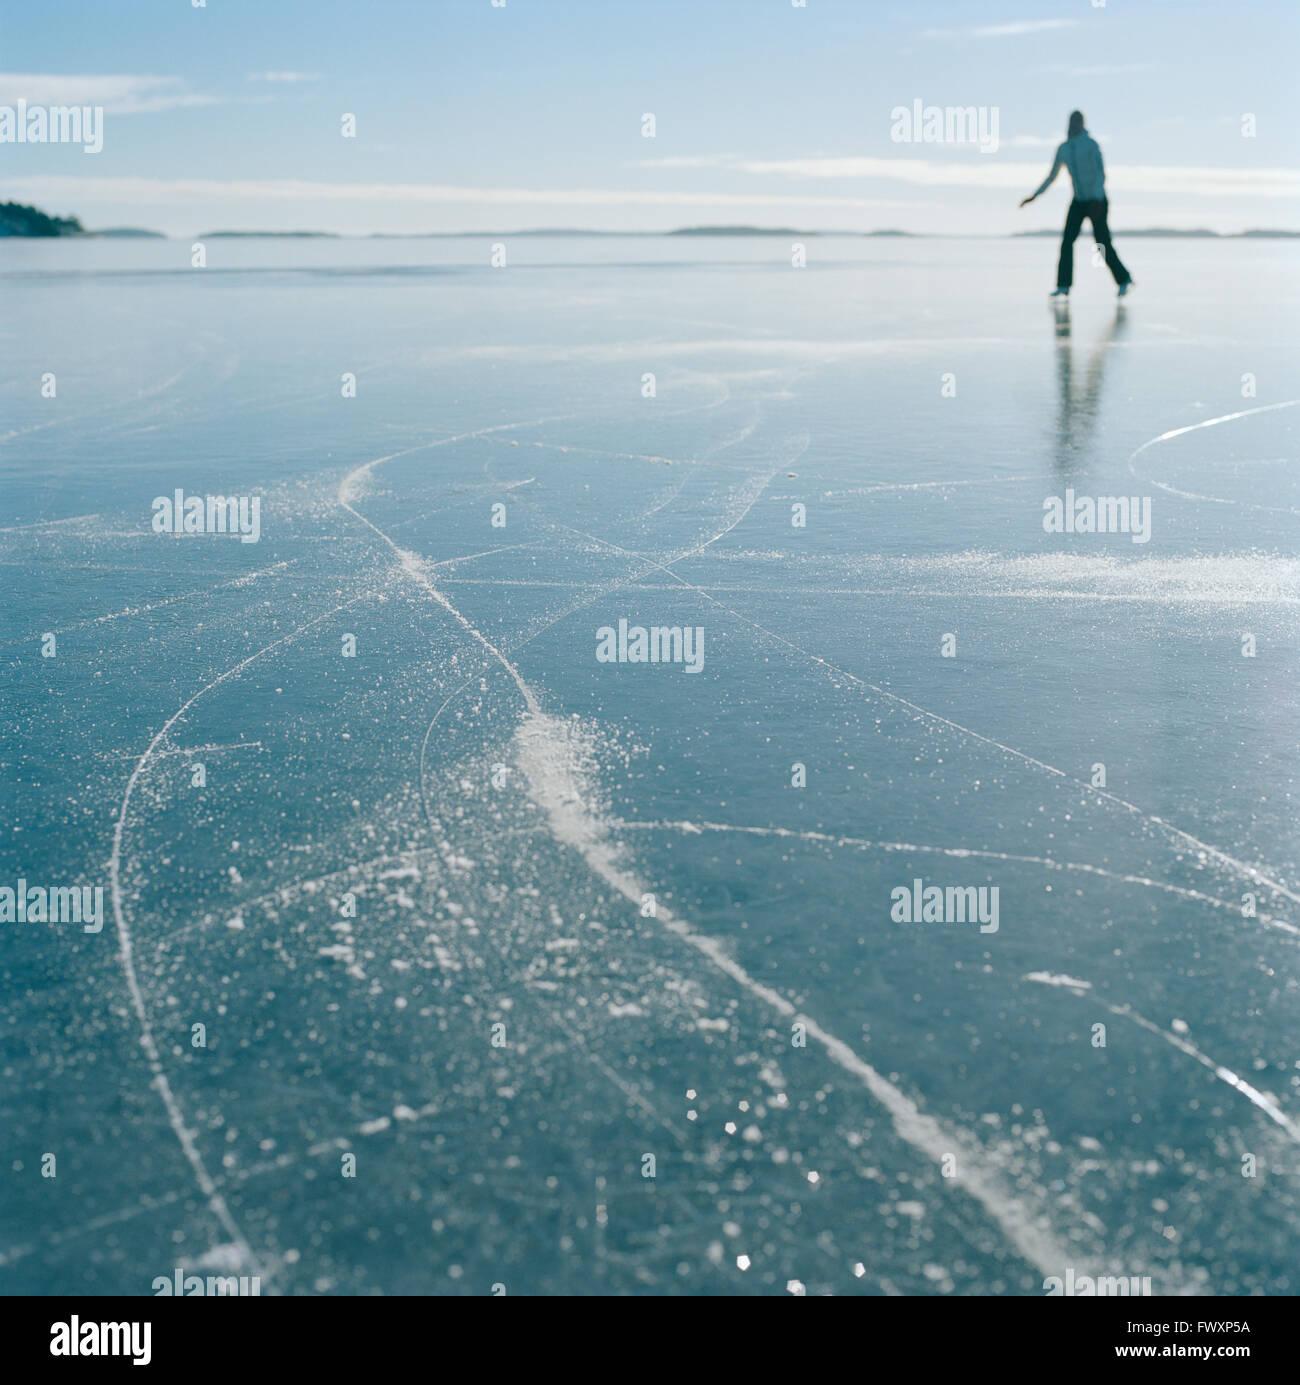 La Svezia, arcipelago di Stoccolma, Uppland, Varmdo, Bjorno, metà donna adulta pattinaggio sul lago ghiacciato Immagini Stock